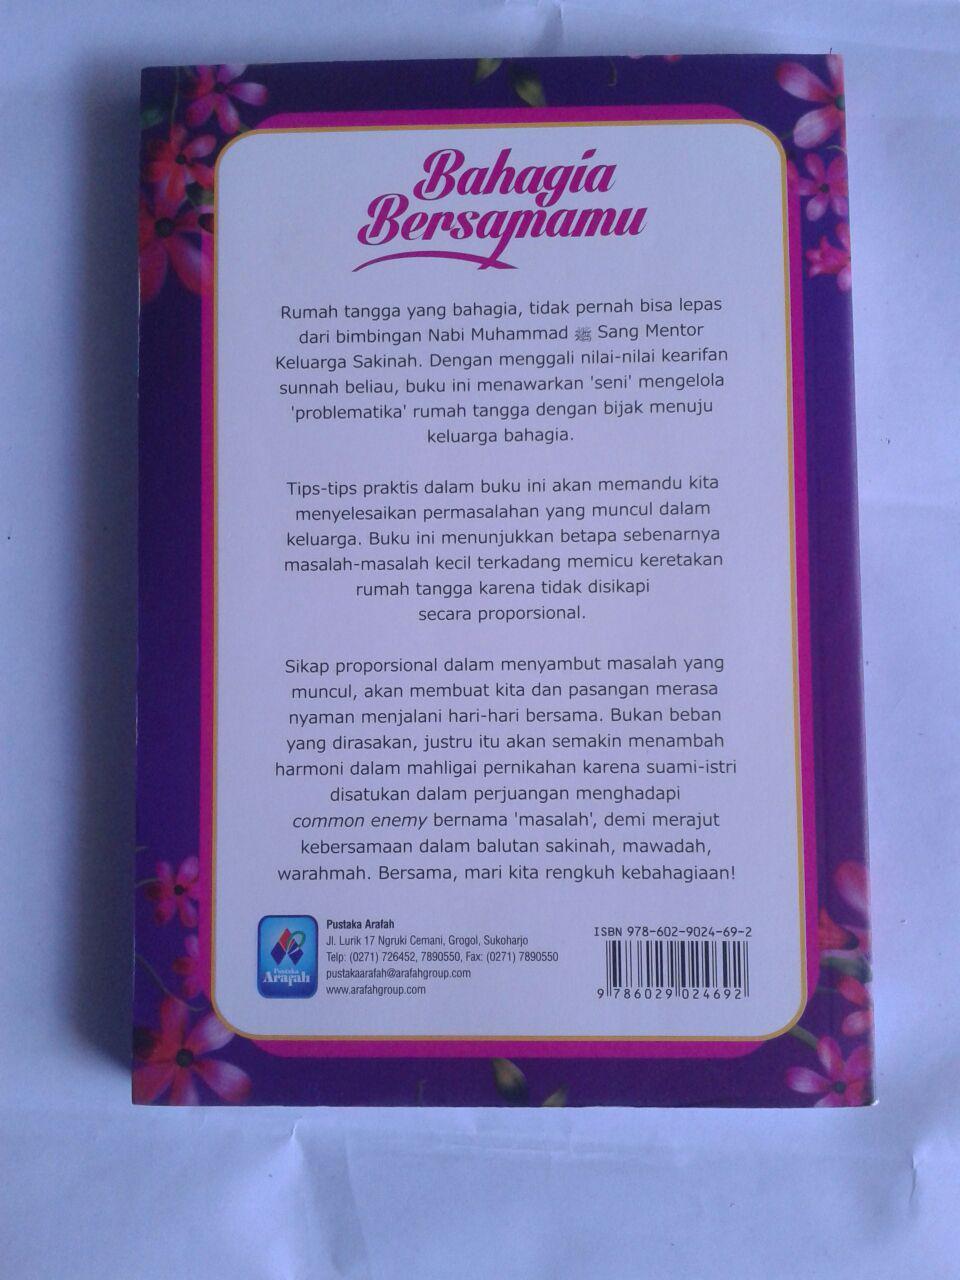 Buku Bahagia Bersamamu Mewujudkan Sakinah Mawadah Warahmah cover